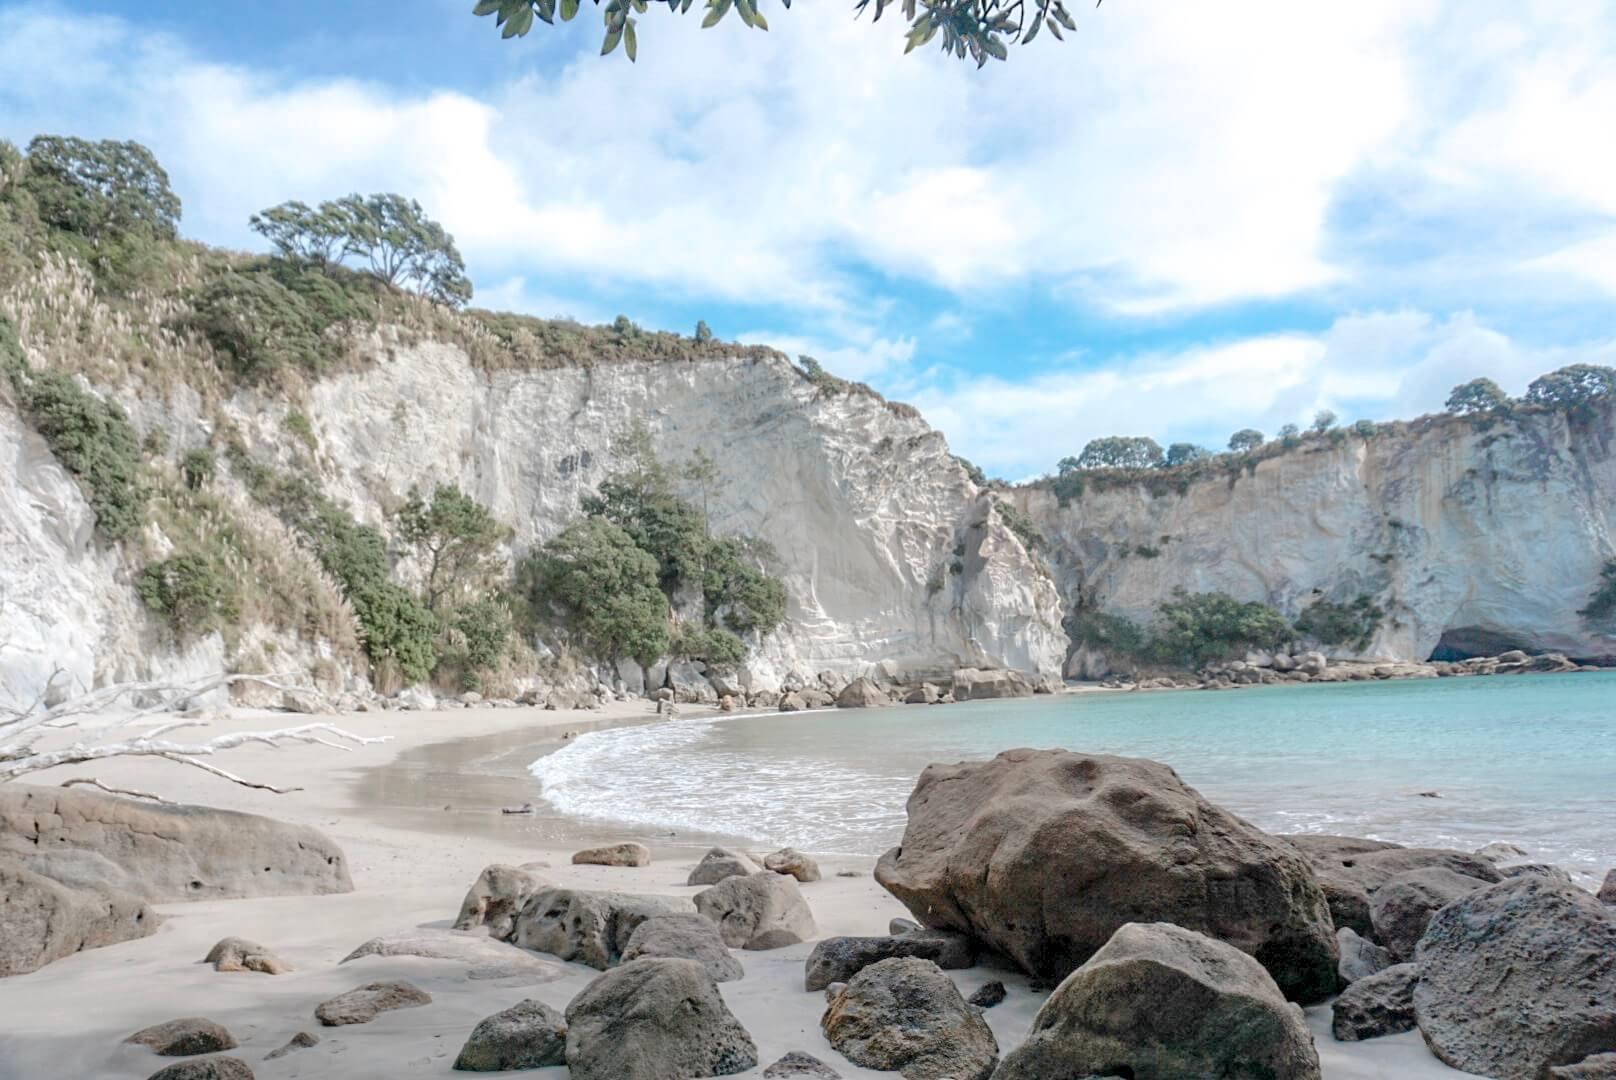 Visiter Plage avec magnifique falaise Cathedral Cove Nouvelle Zélande